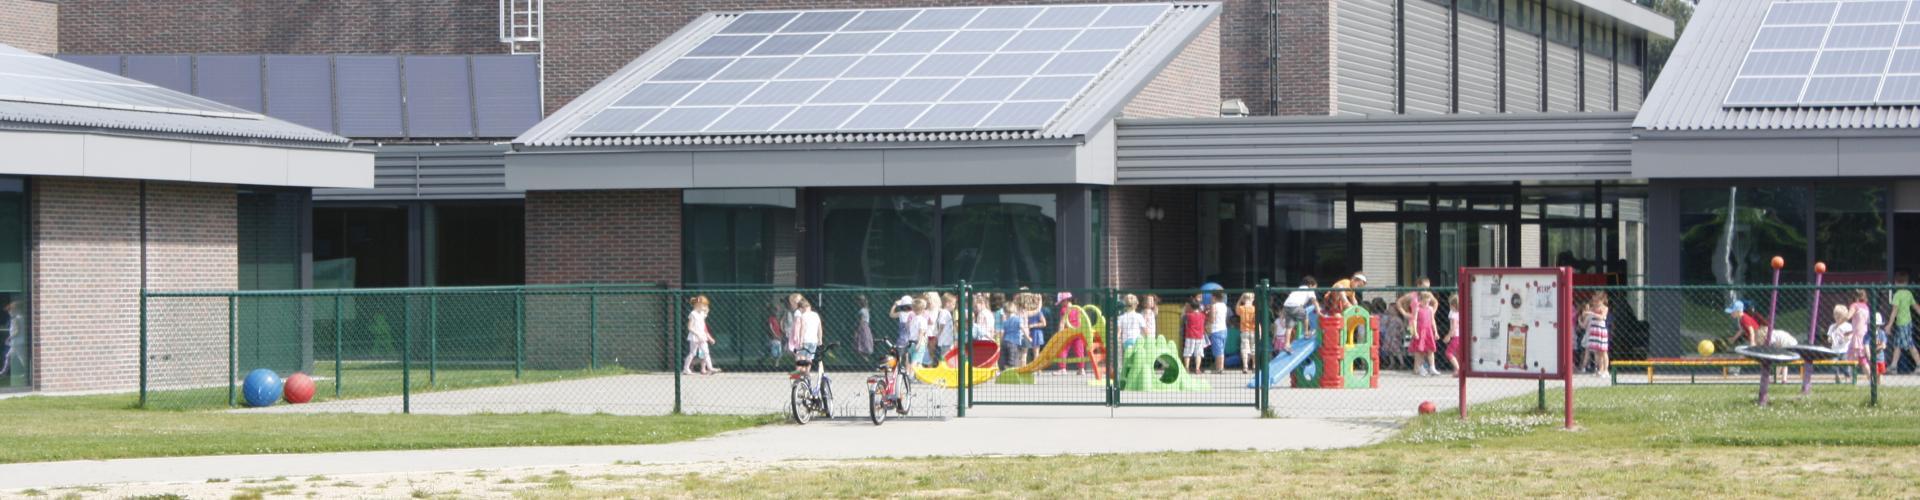 Stedelijke Basisschool De Sprankel Spalbeek